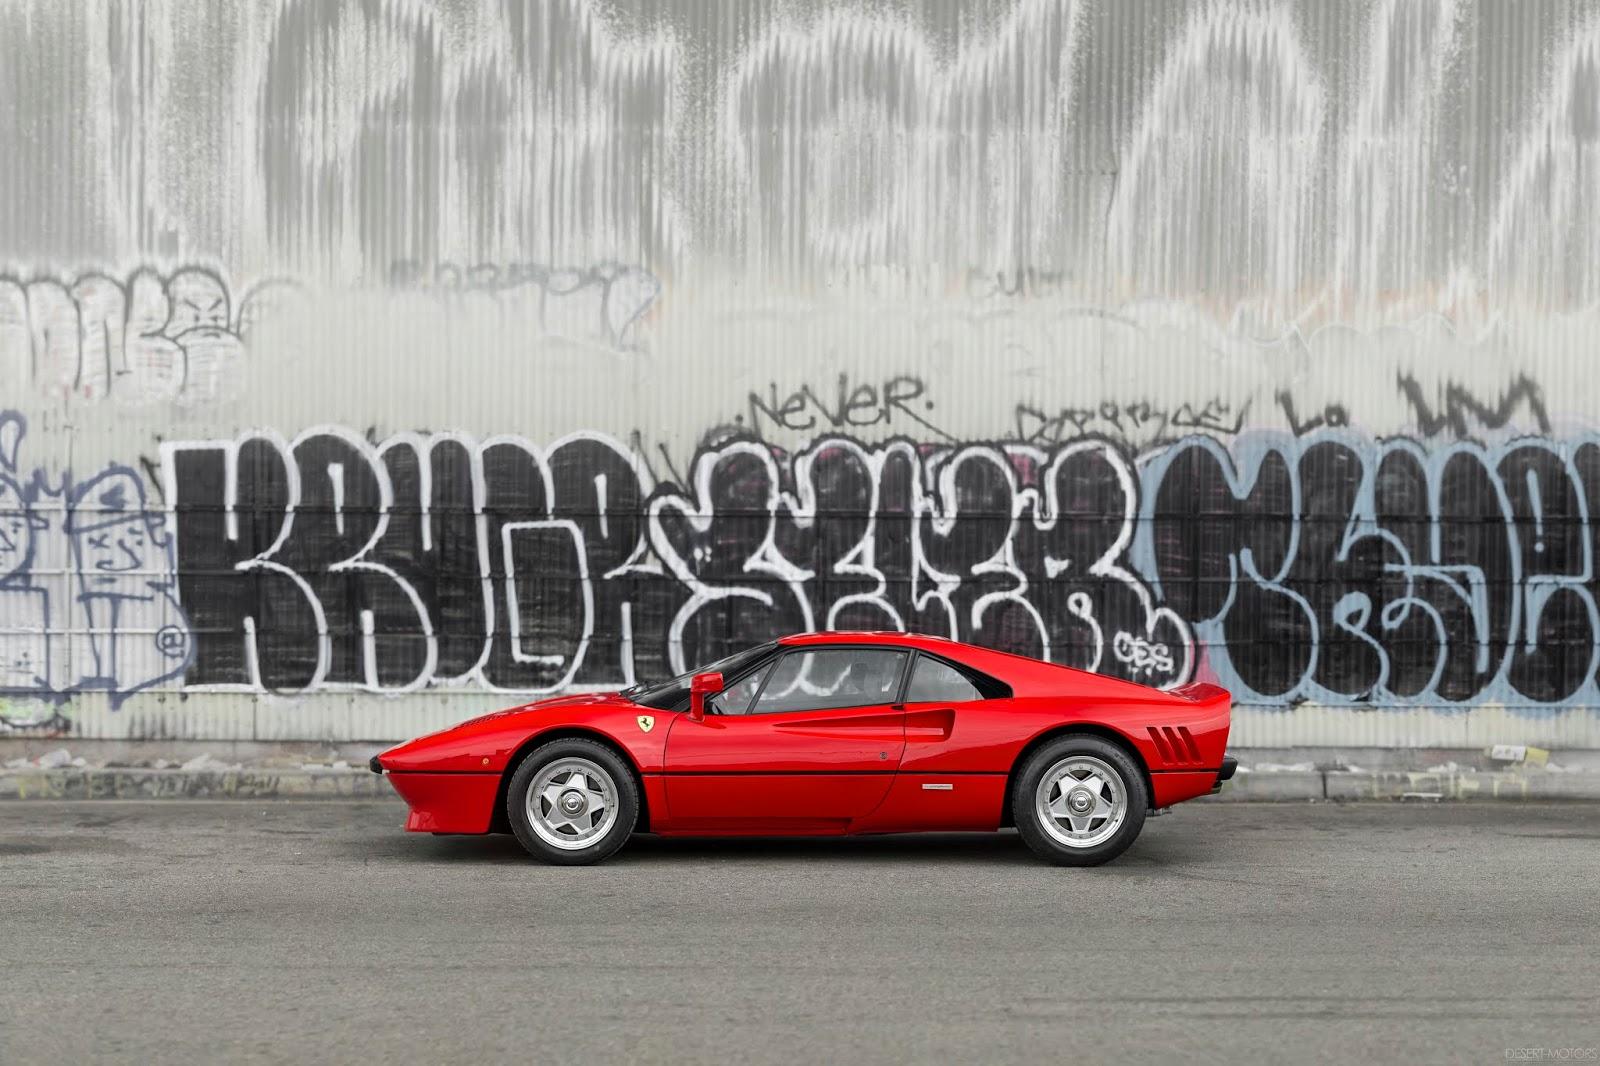 31030800091 e3f479e8fa o 288 GTO. Η αρχή της Big 5 του Maranello 288, 288 GTO, Ferrari, GTO, retrocar, retrocar sunday, turbo, twin-turbo, V8, zblog